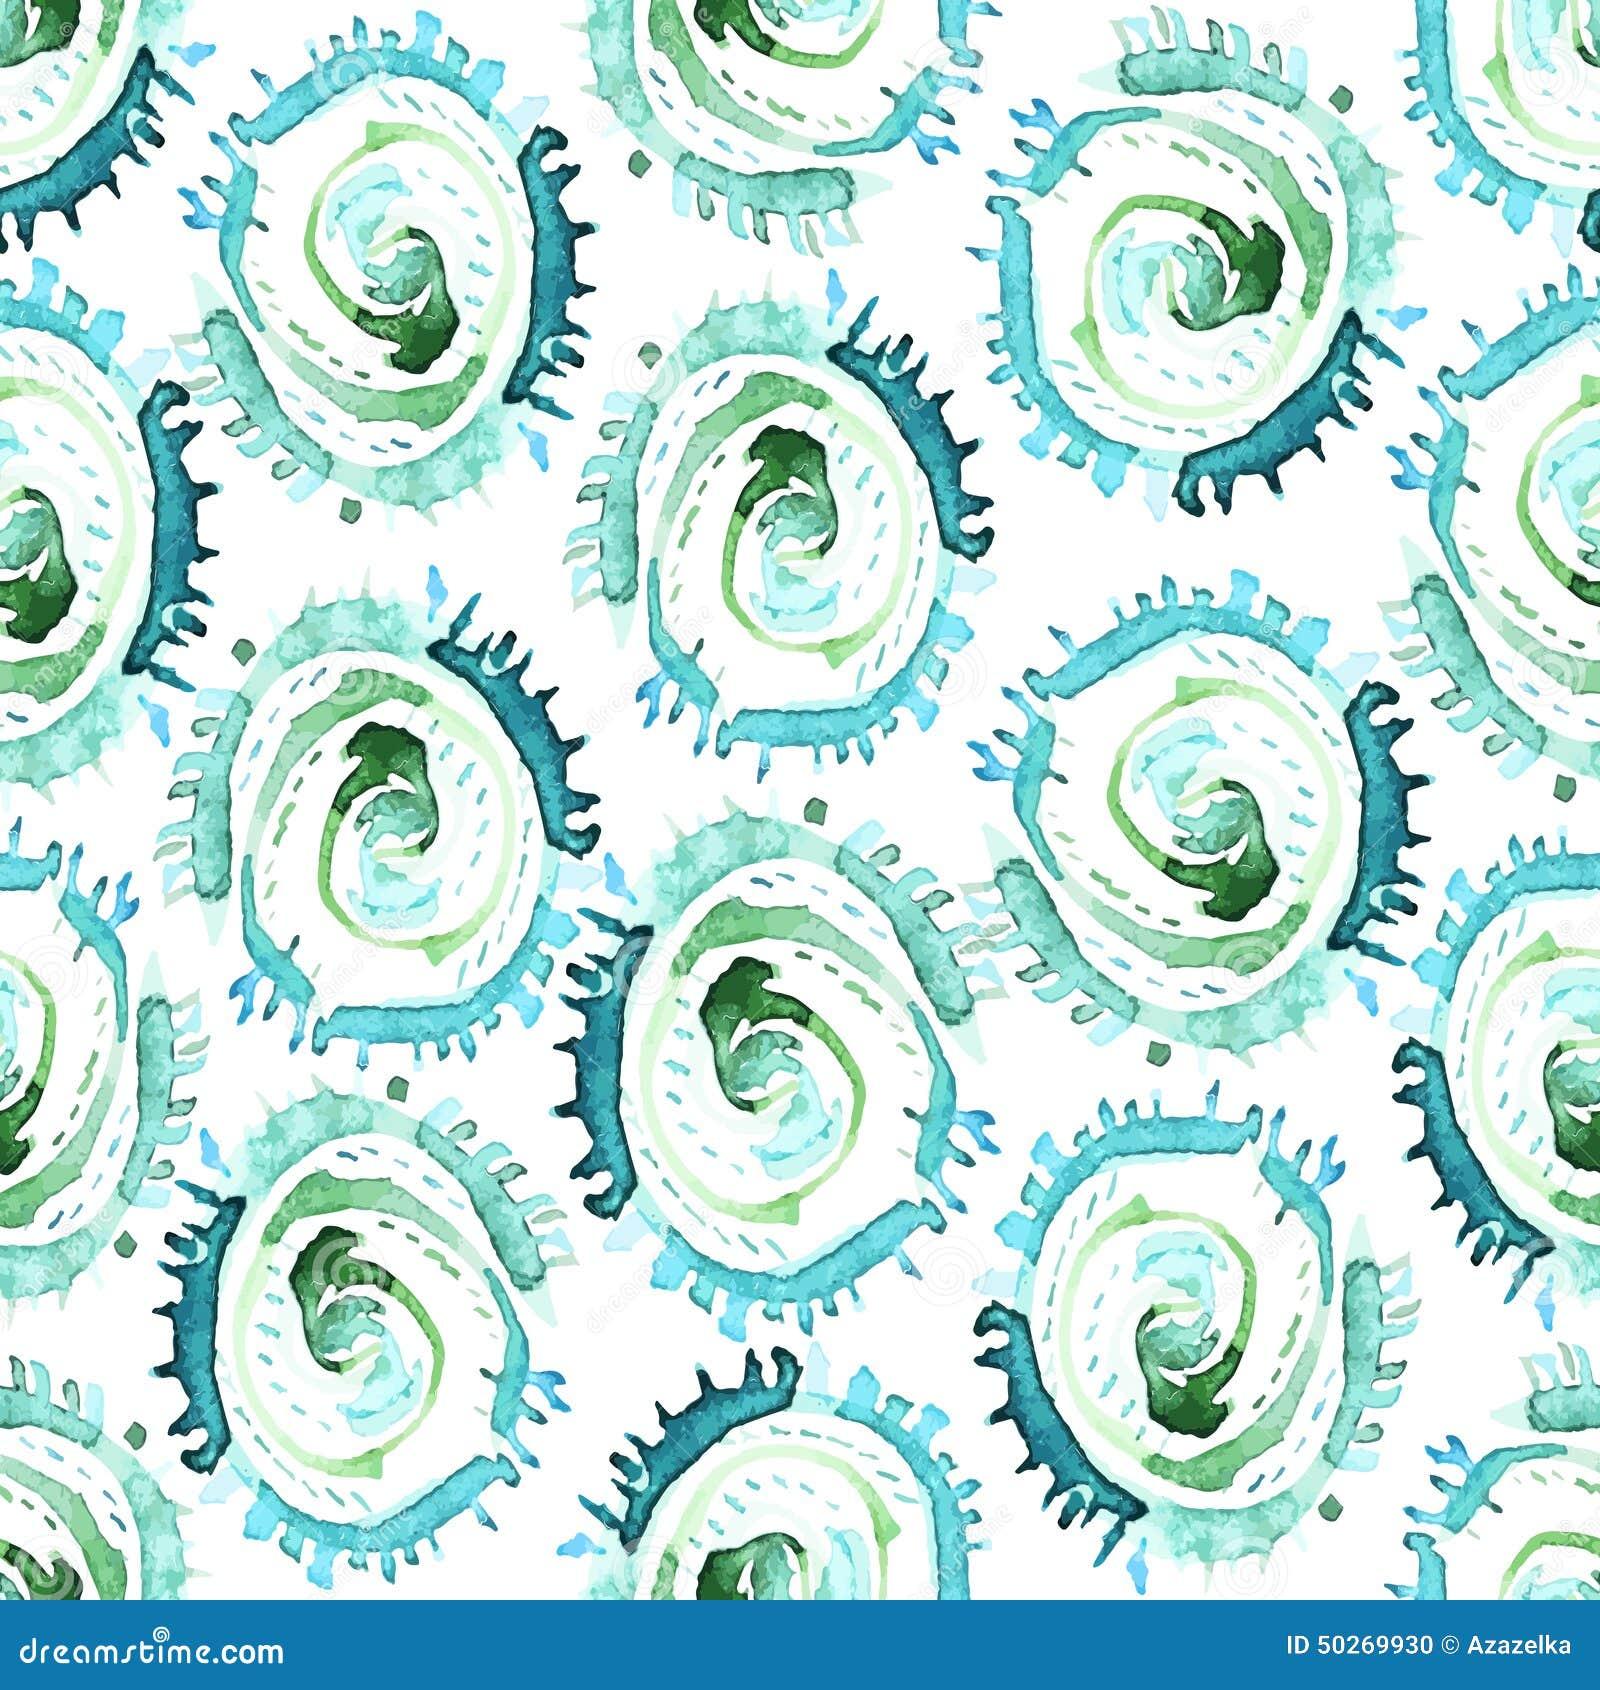 Abstraktes Aquarell des Vektors wirbelt nahtloses Muster Blauer Kreisfliesenhintergrund